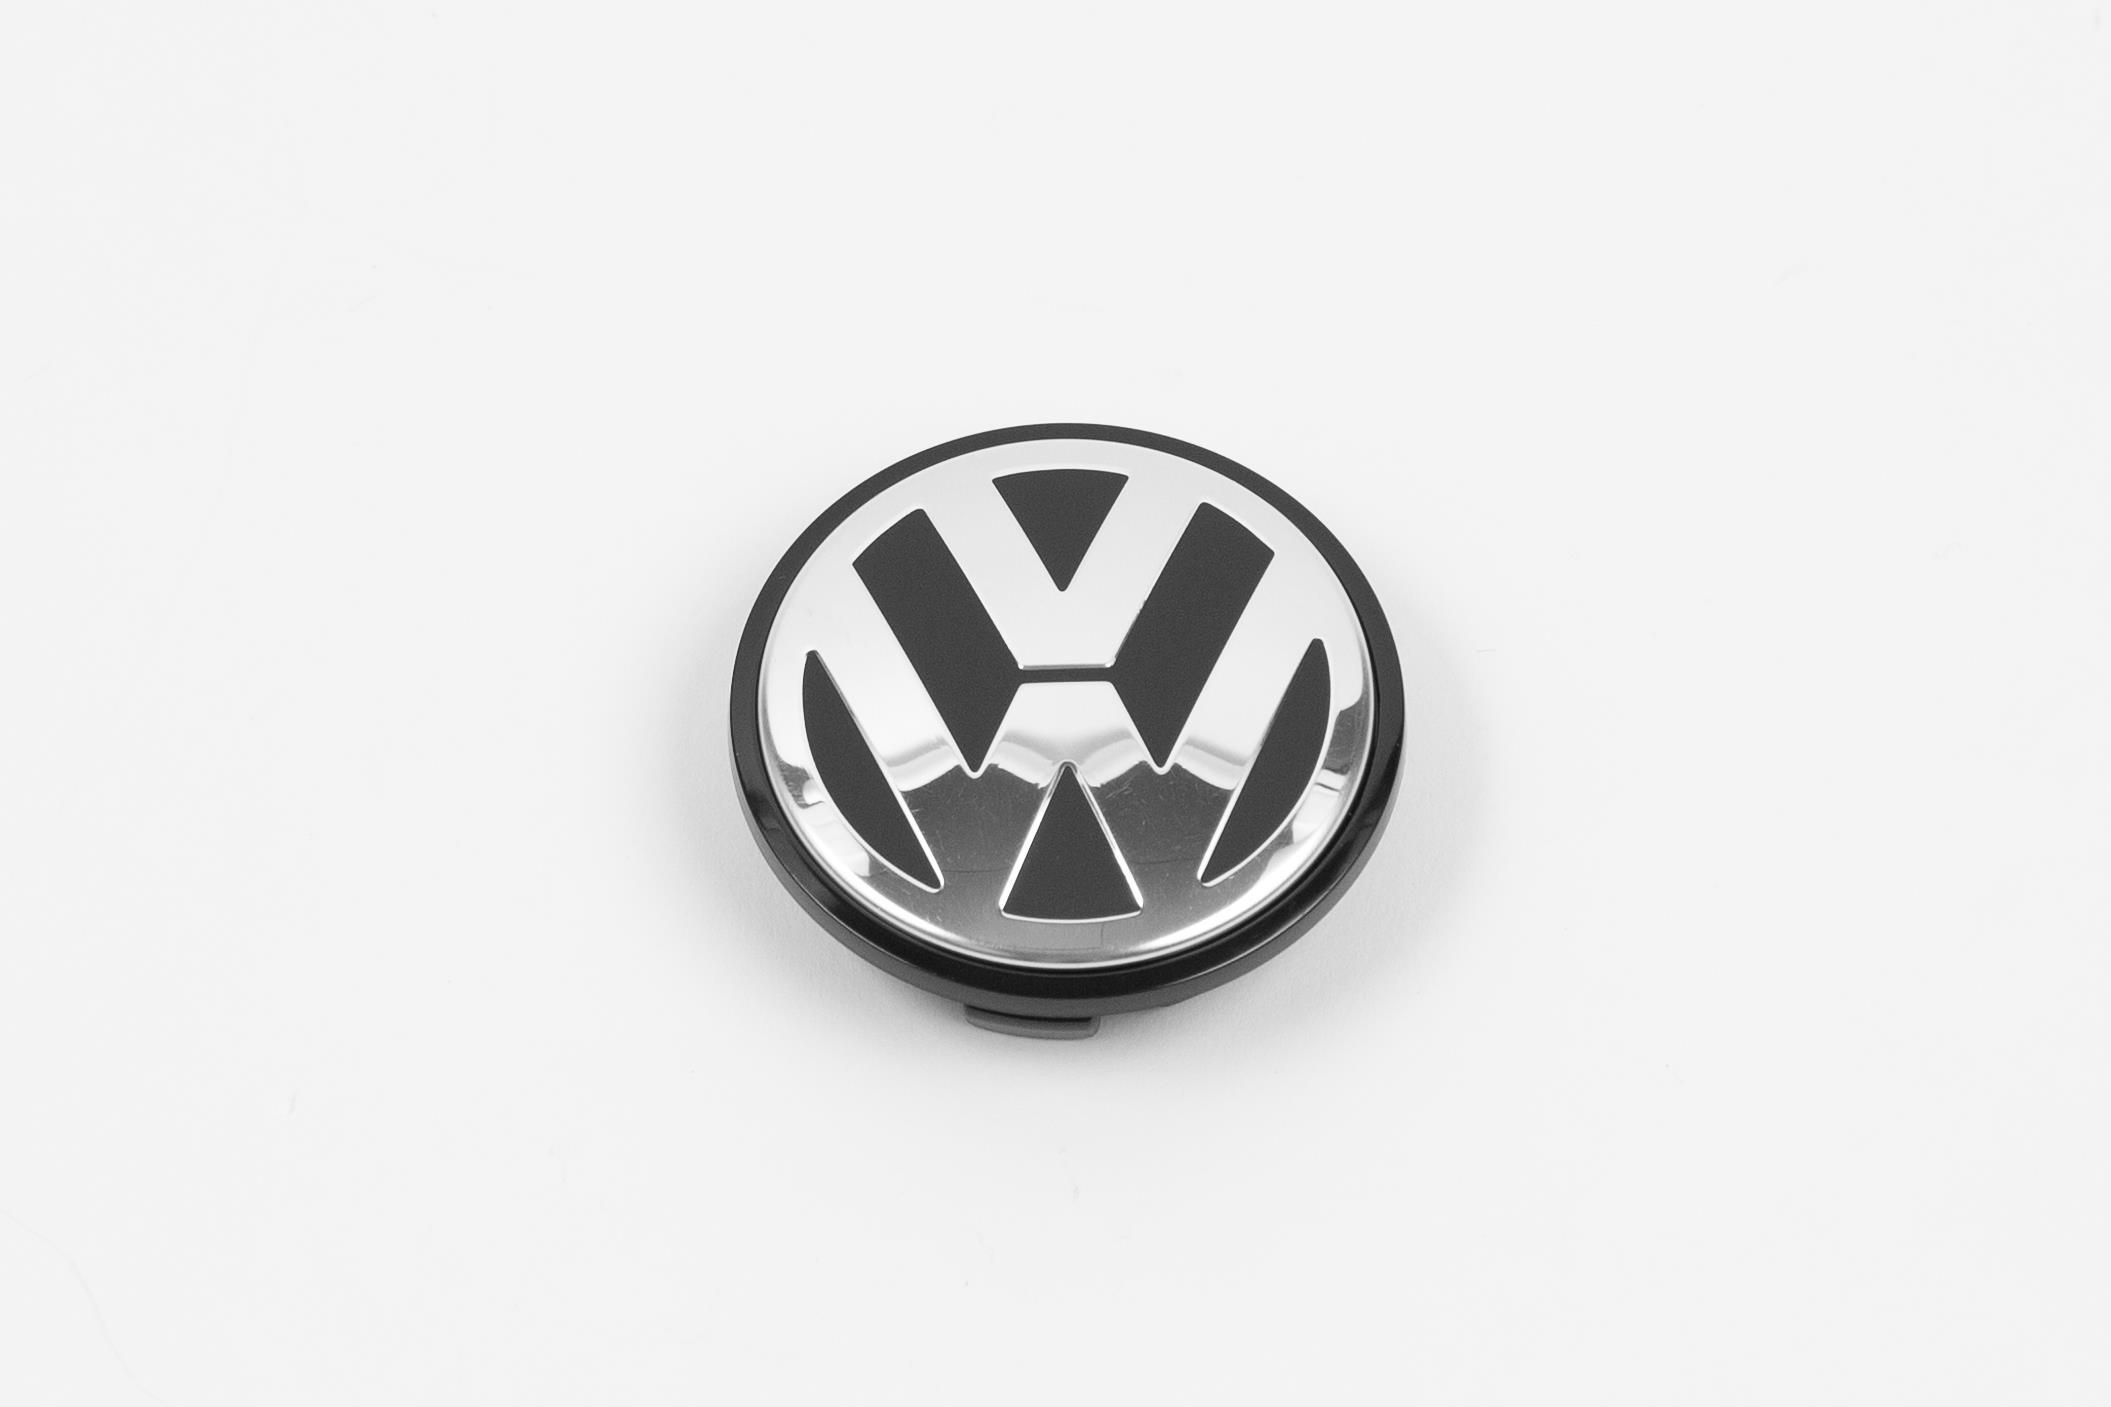 2014 Volkswagen Tiguan Original Accessories Online Hub